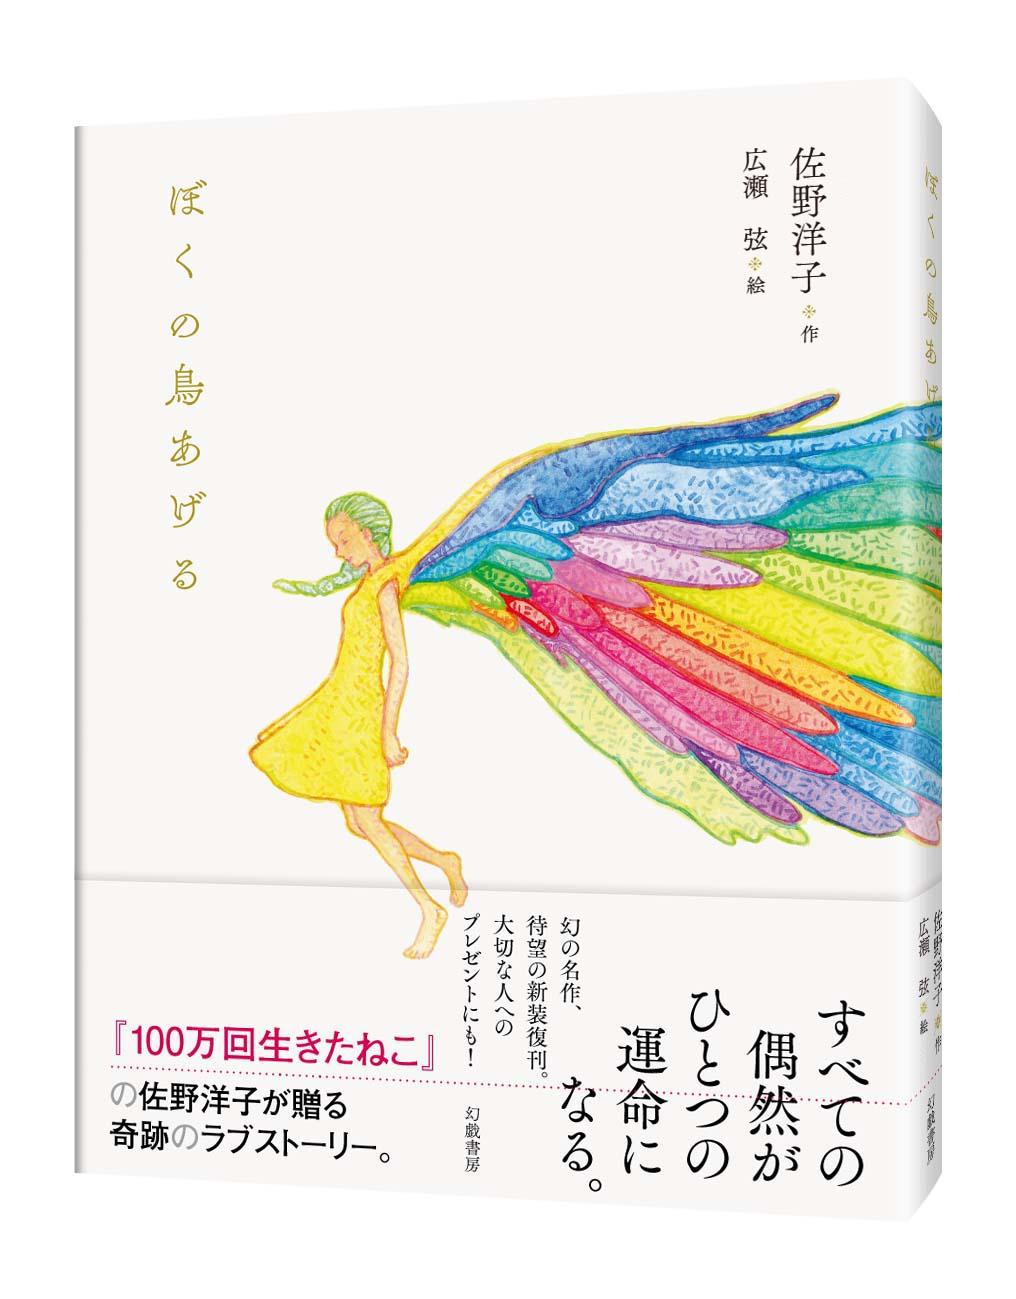 『ぼくの鳥あげる』佐野洋子・作 広瀬弦・絵 幻戯書房